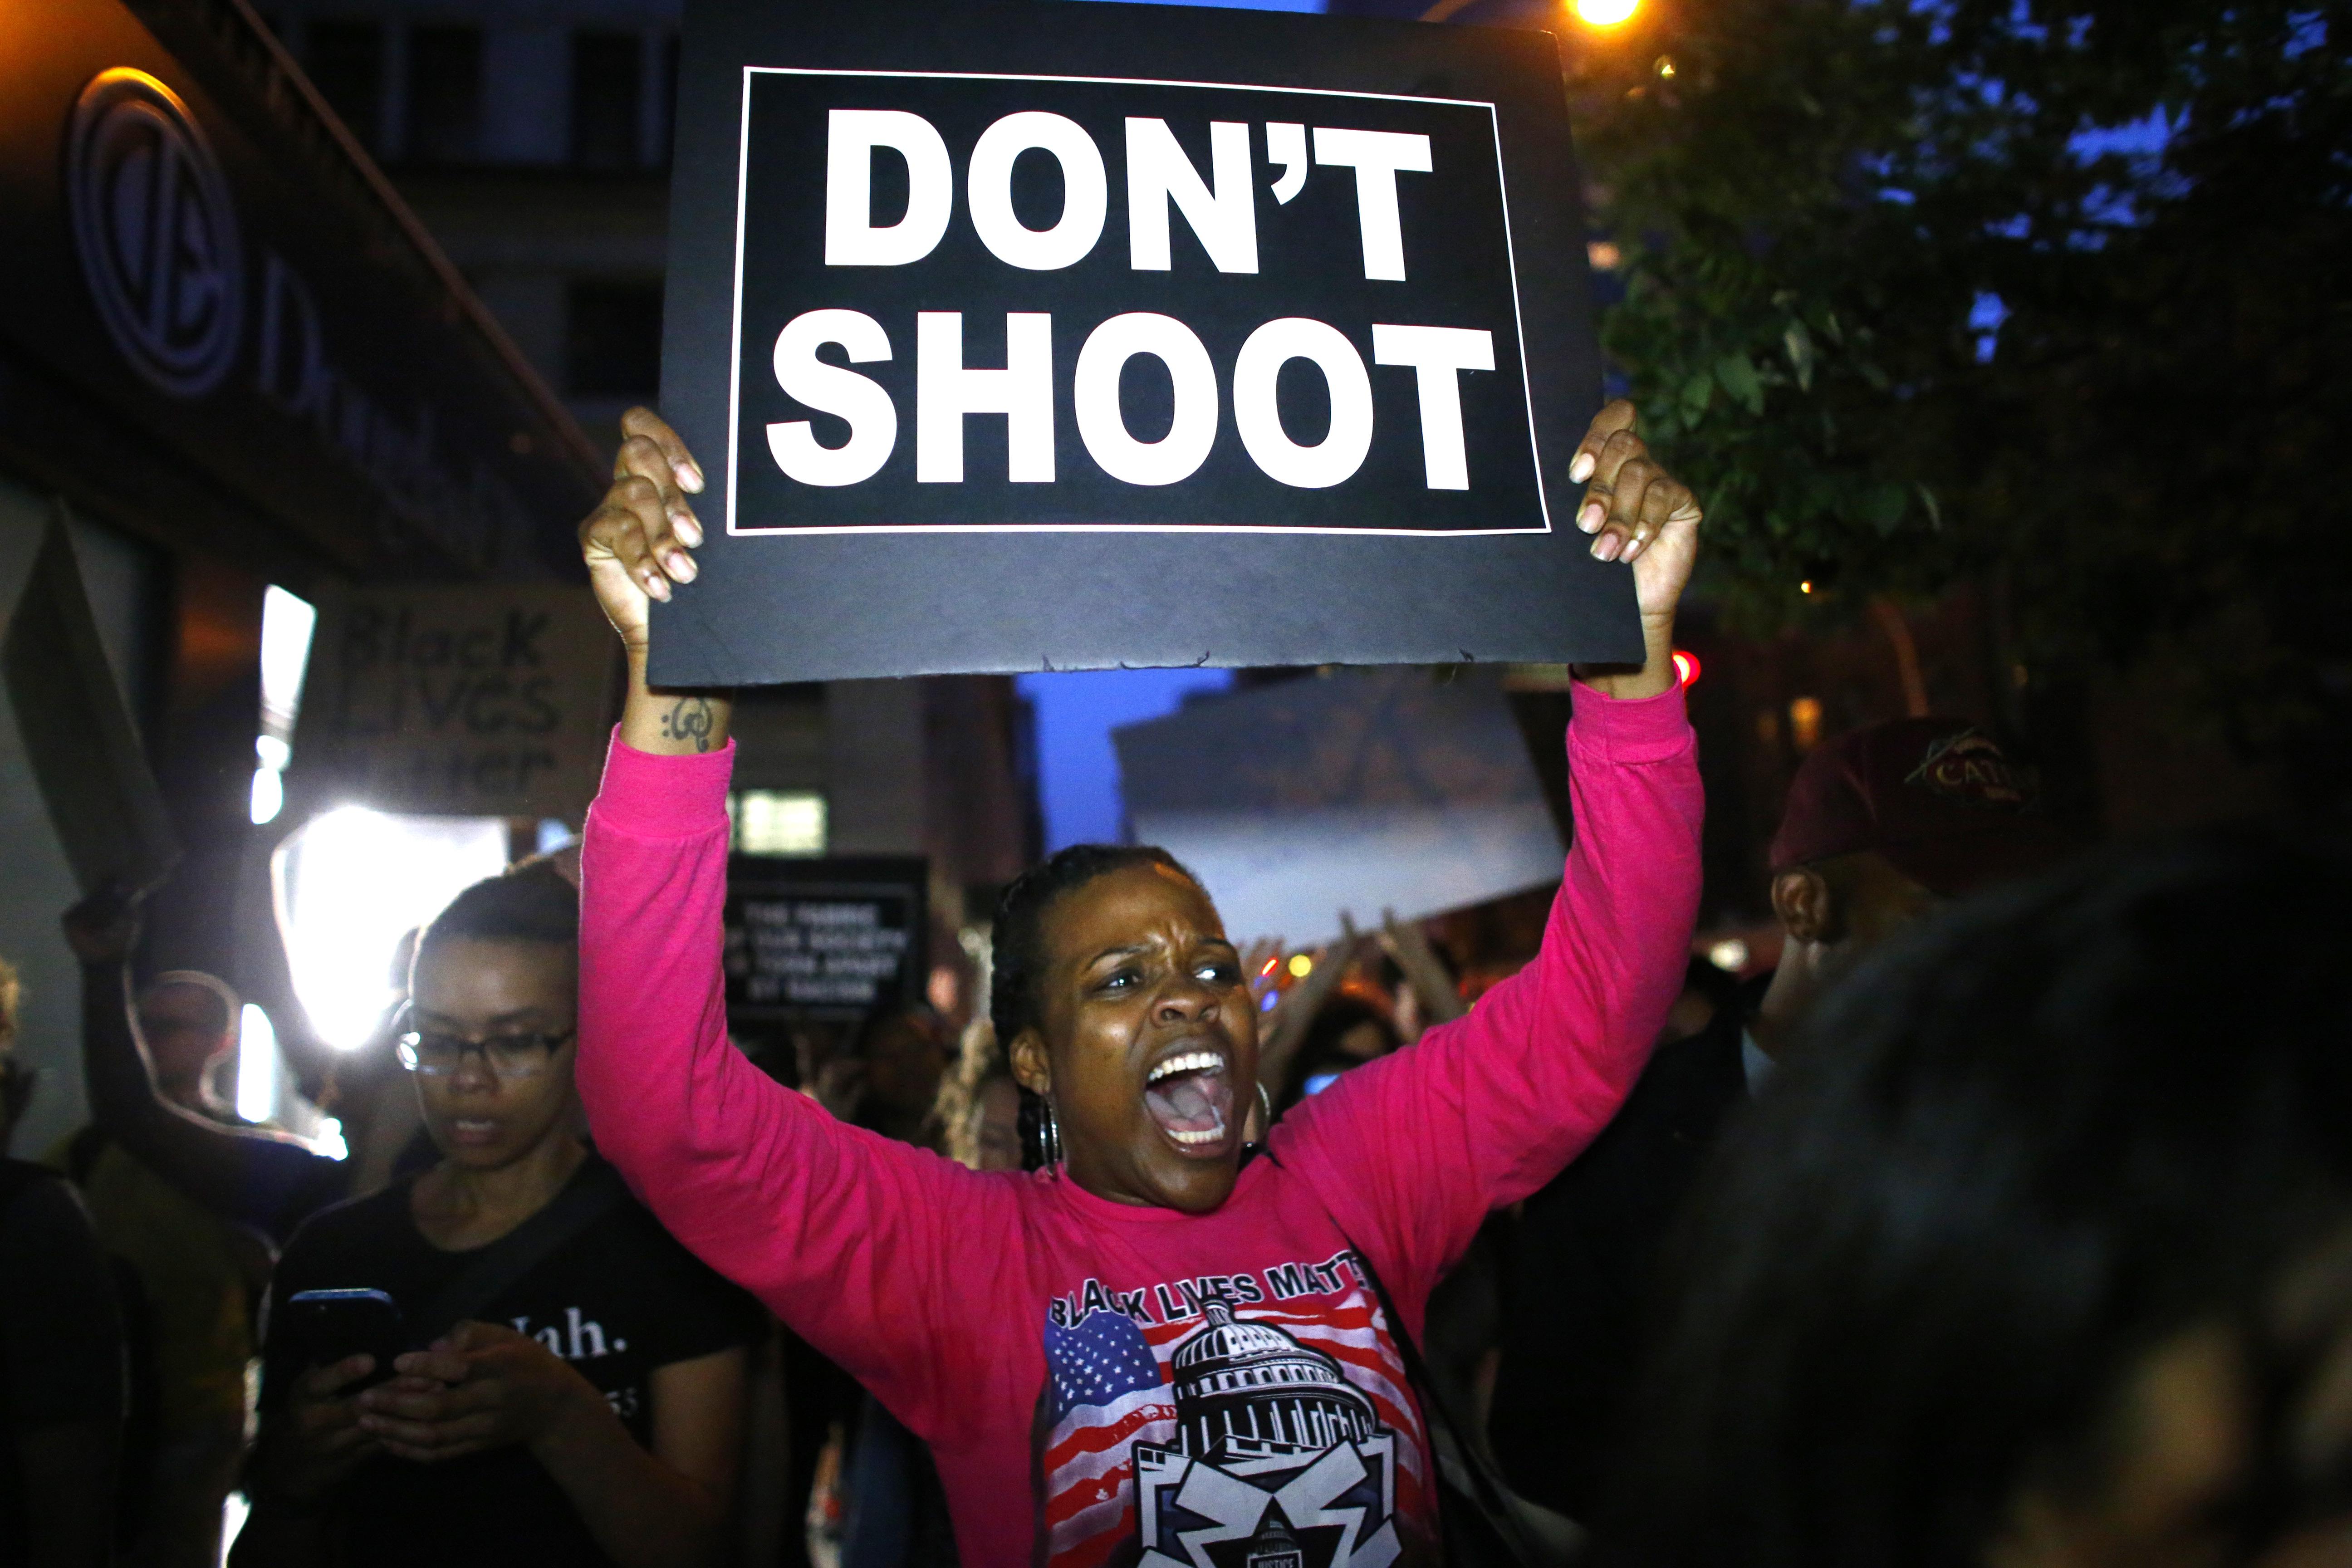 Terrorveszélyt lát az FBI a rendőri erőszak miatt megerősödött fekete aktivista mozgalomban